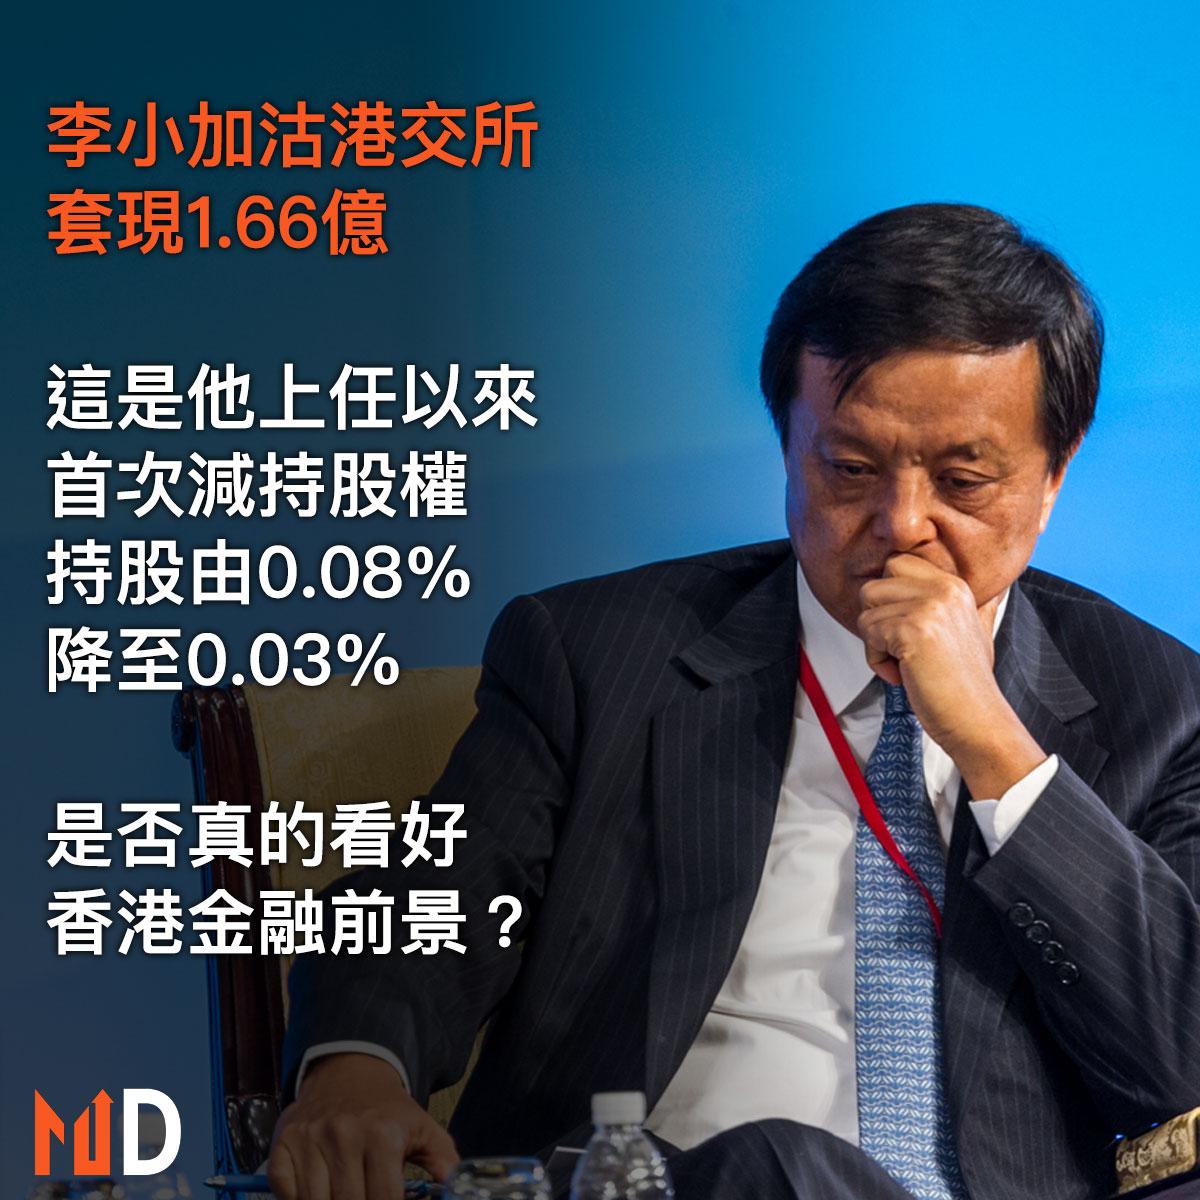 【市場熱話】李小加沽港交所套現1.66億